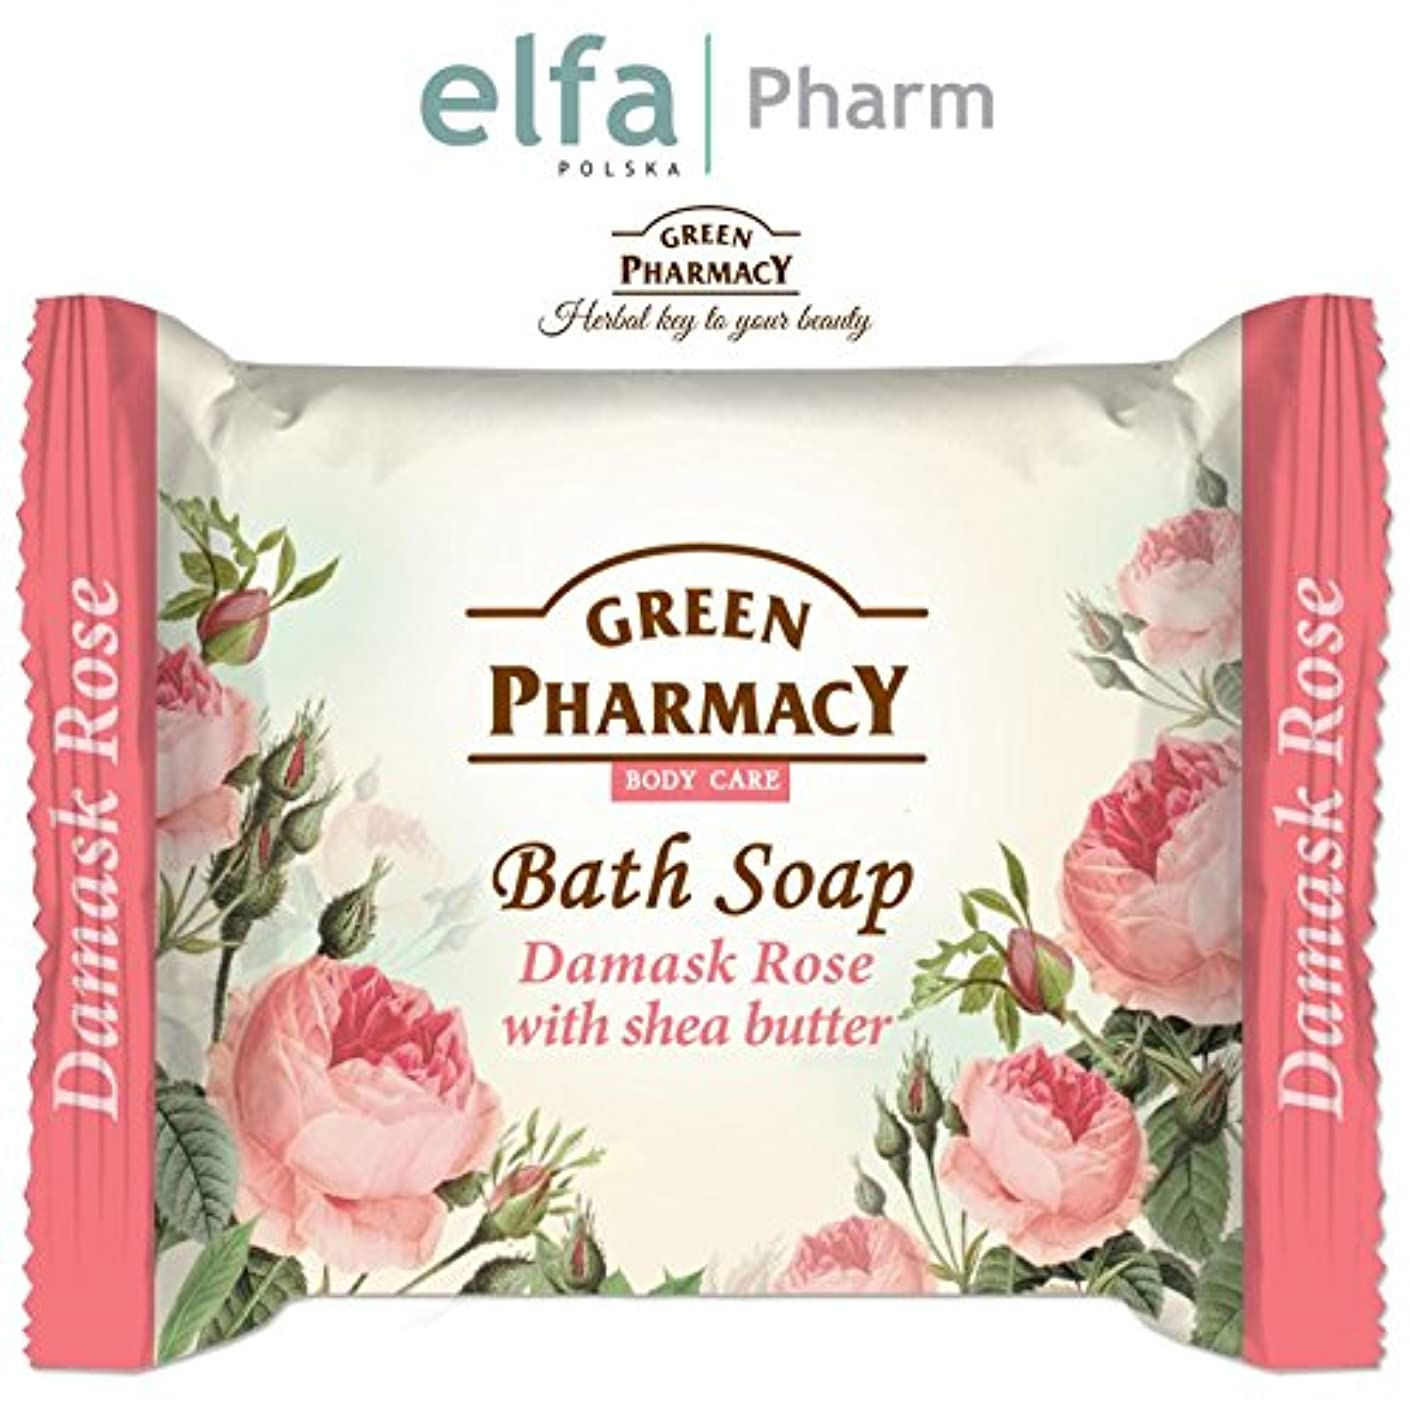 用量気体のぐるぐる石鹸 固形 安心?安全 古代からのハーブの知識を生かして作られた固形せっけん ポーランドのグリーンファーマシー elfa Pharm Green Pharmacy Bath Soap Damask Rose with Shea...